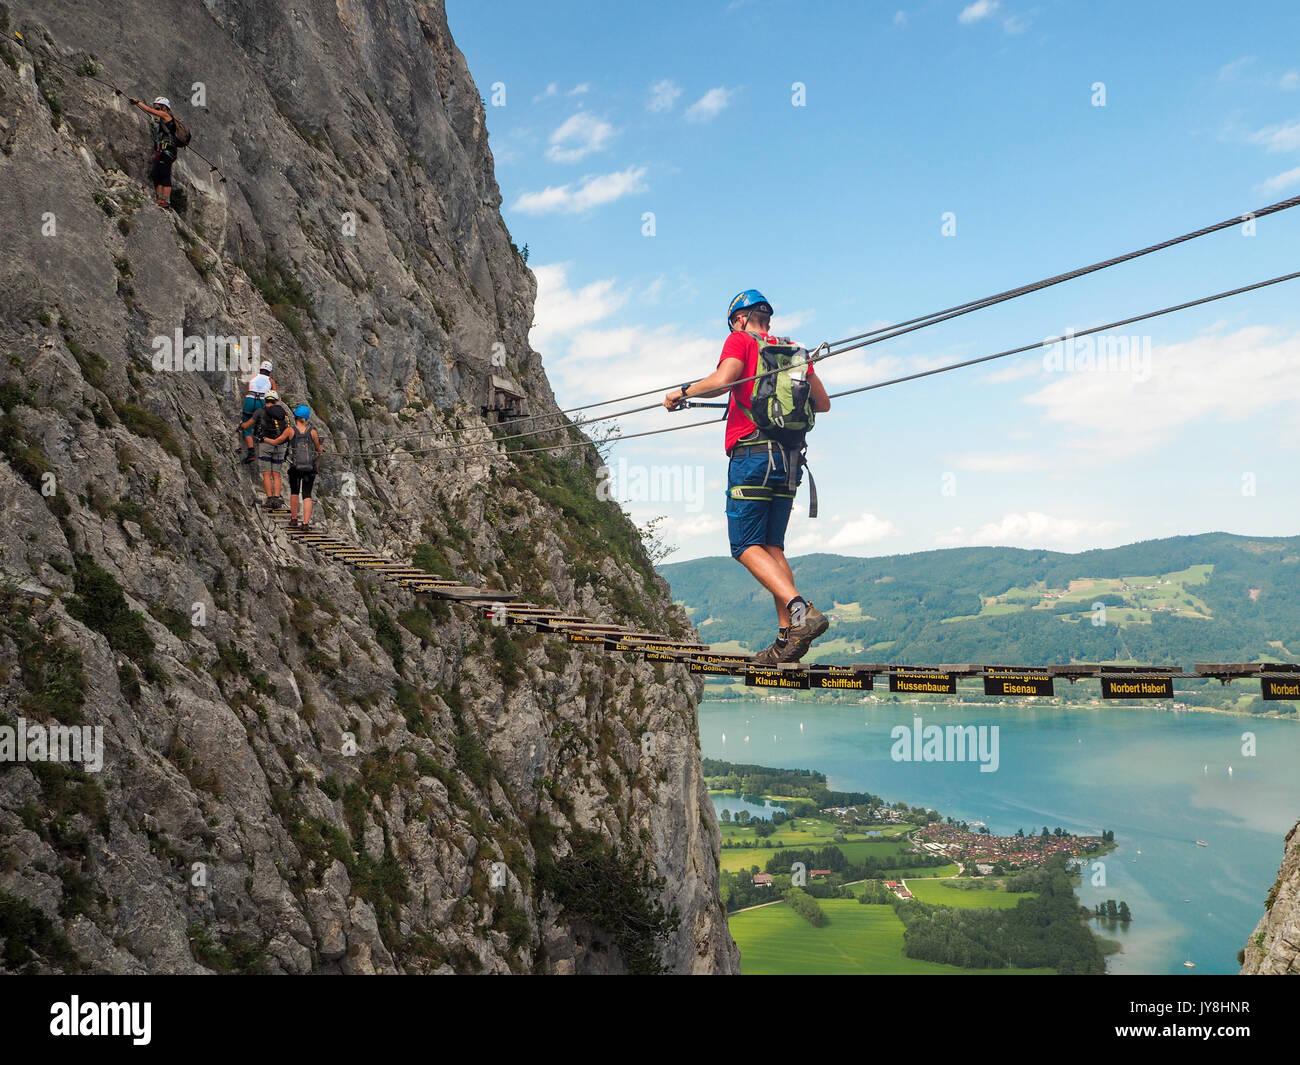 Klettersteig Hallstatt : Waldbrand echernwand klettersteig